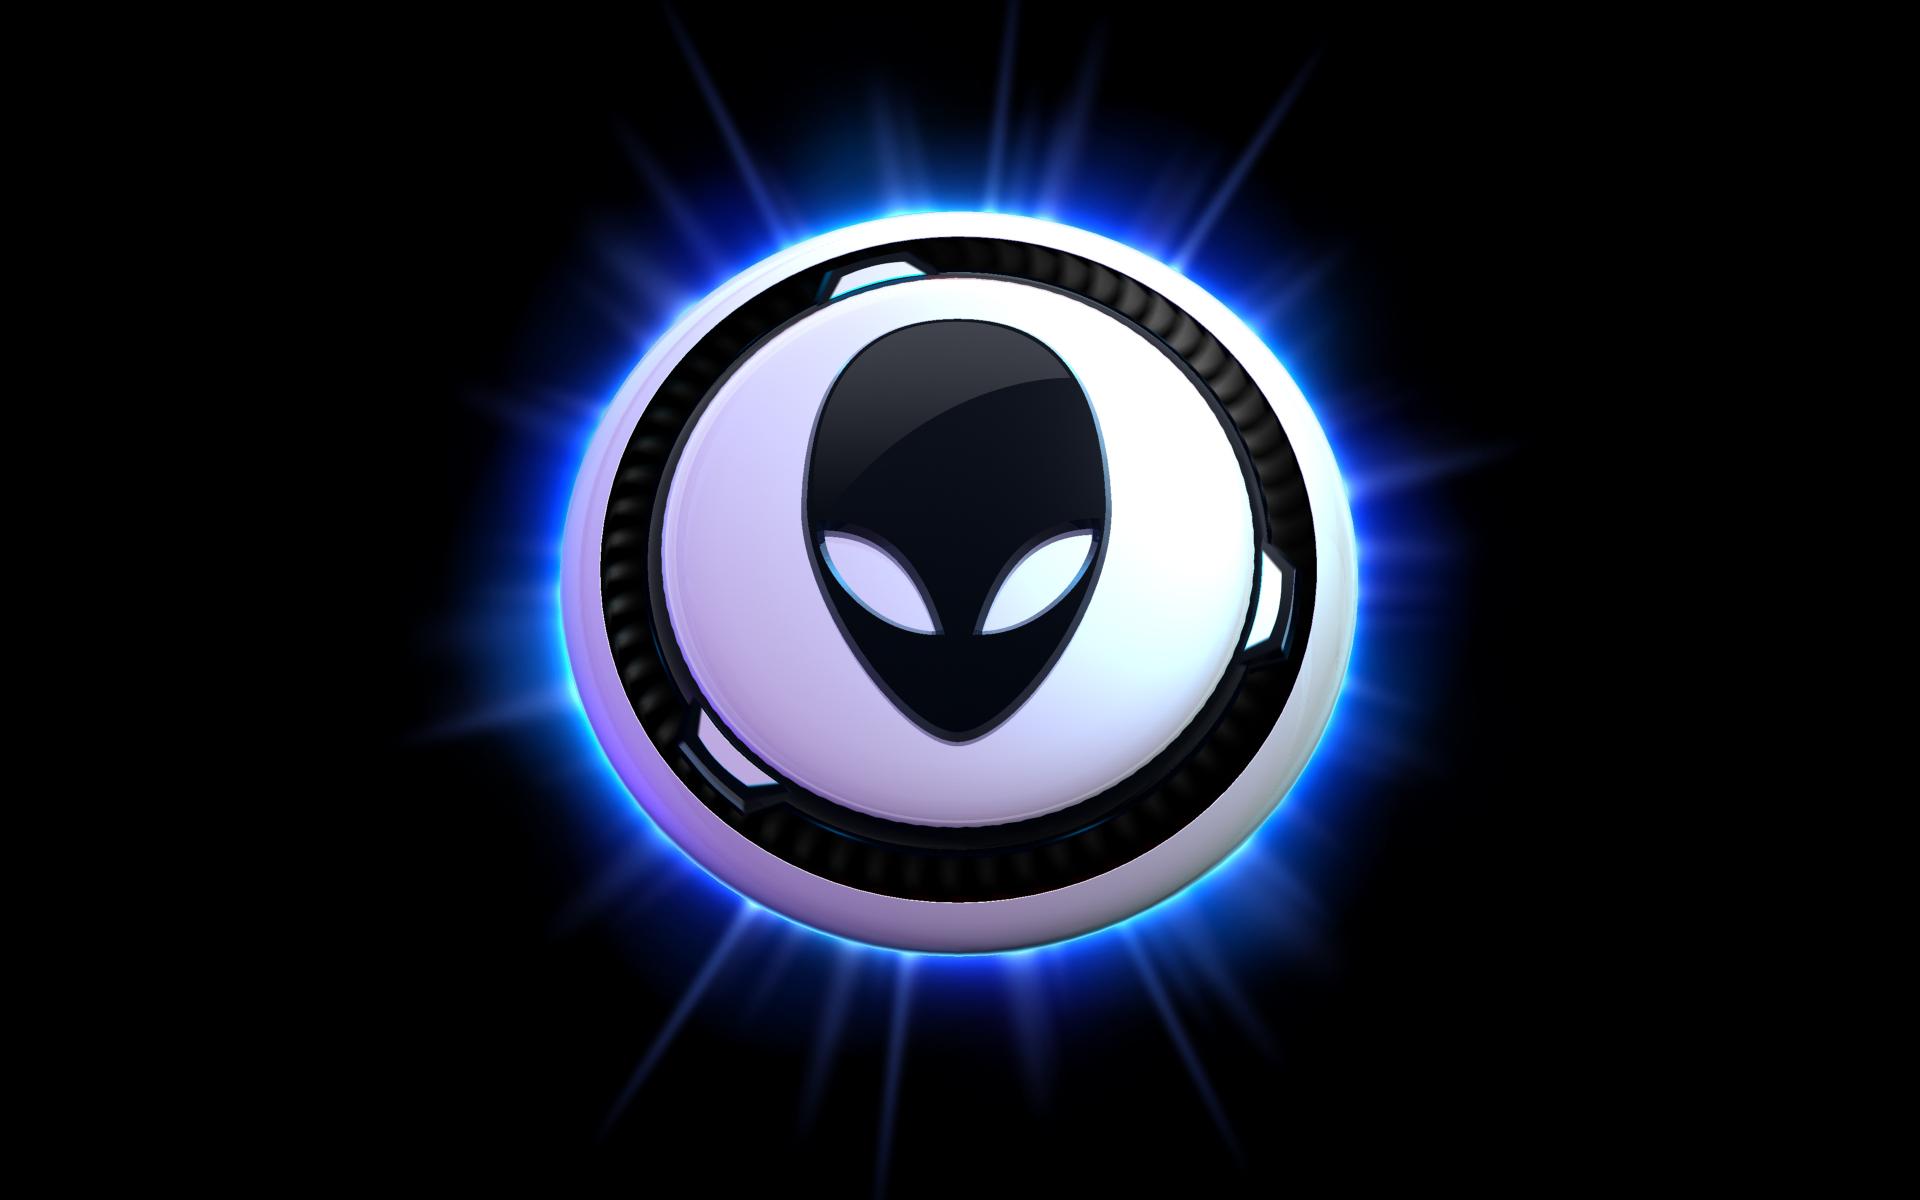 http://fc04.deviantart.net/fs22/f/2007/364/c/e/Alien_Disc_by_yingjunjiu.jpg